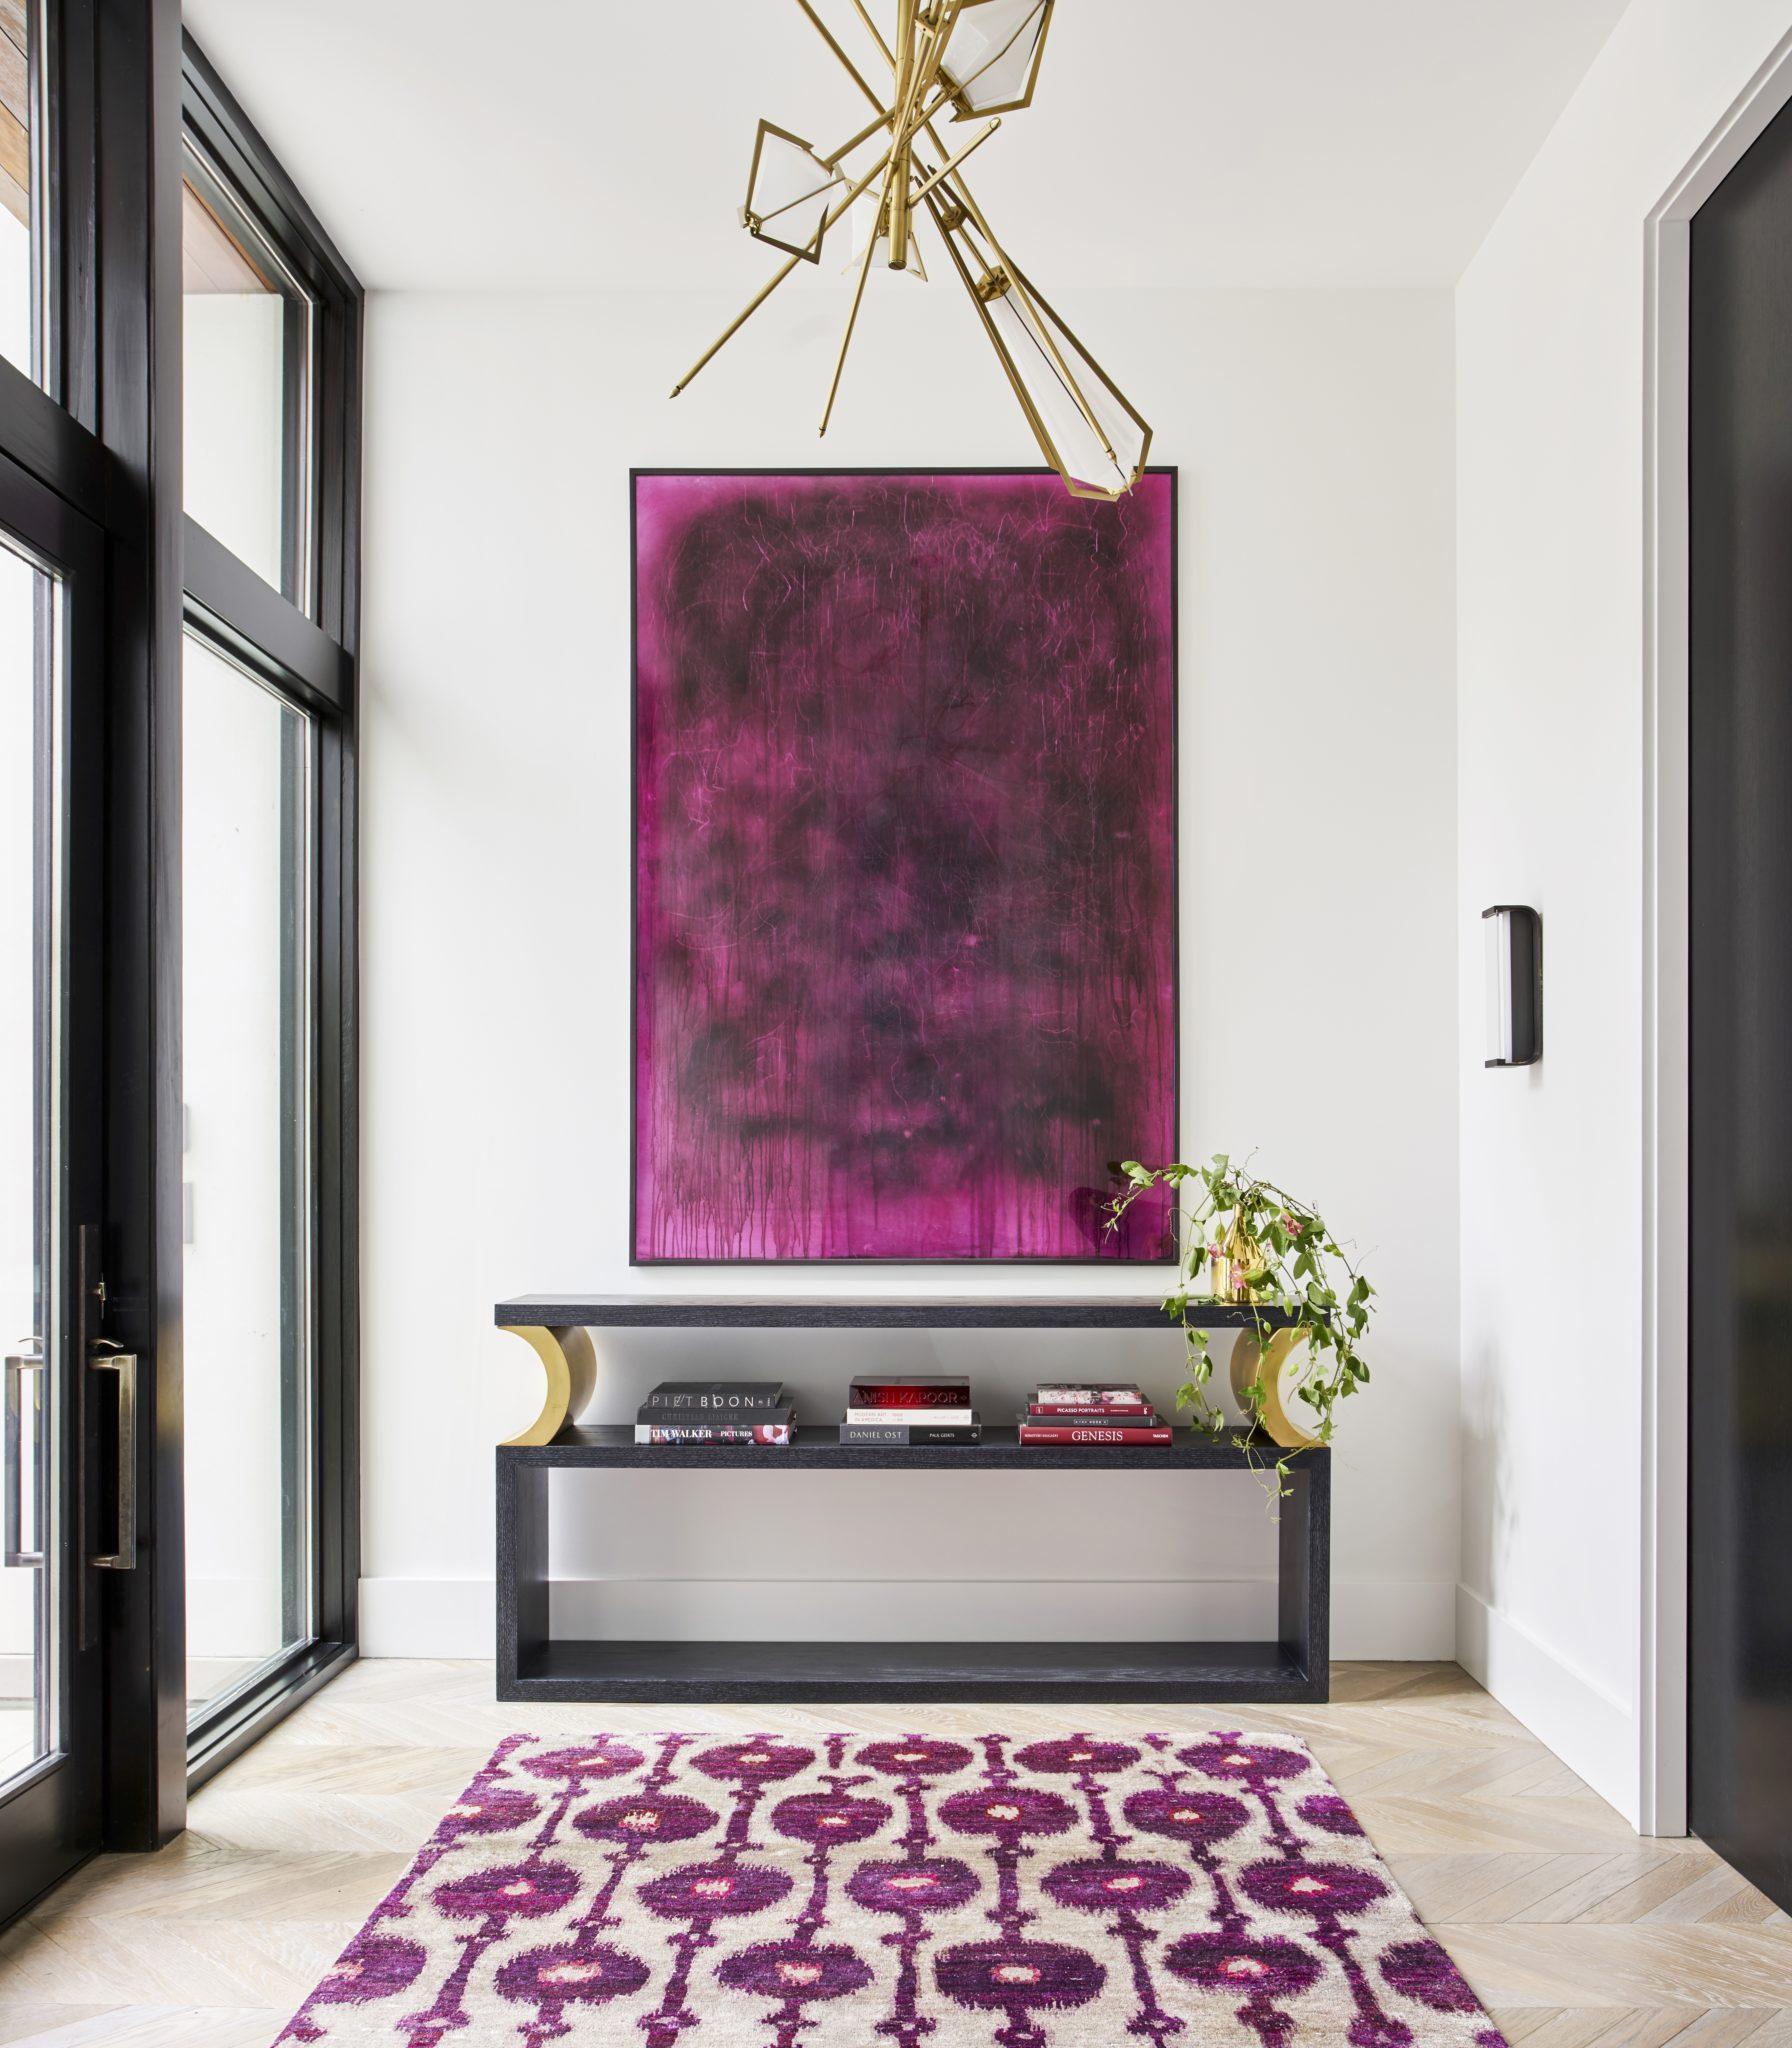 Mãn nhãn với những bộ thảm trải sàn mang họa tiết hình học - Ảnh 11.